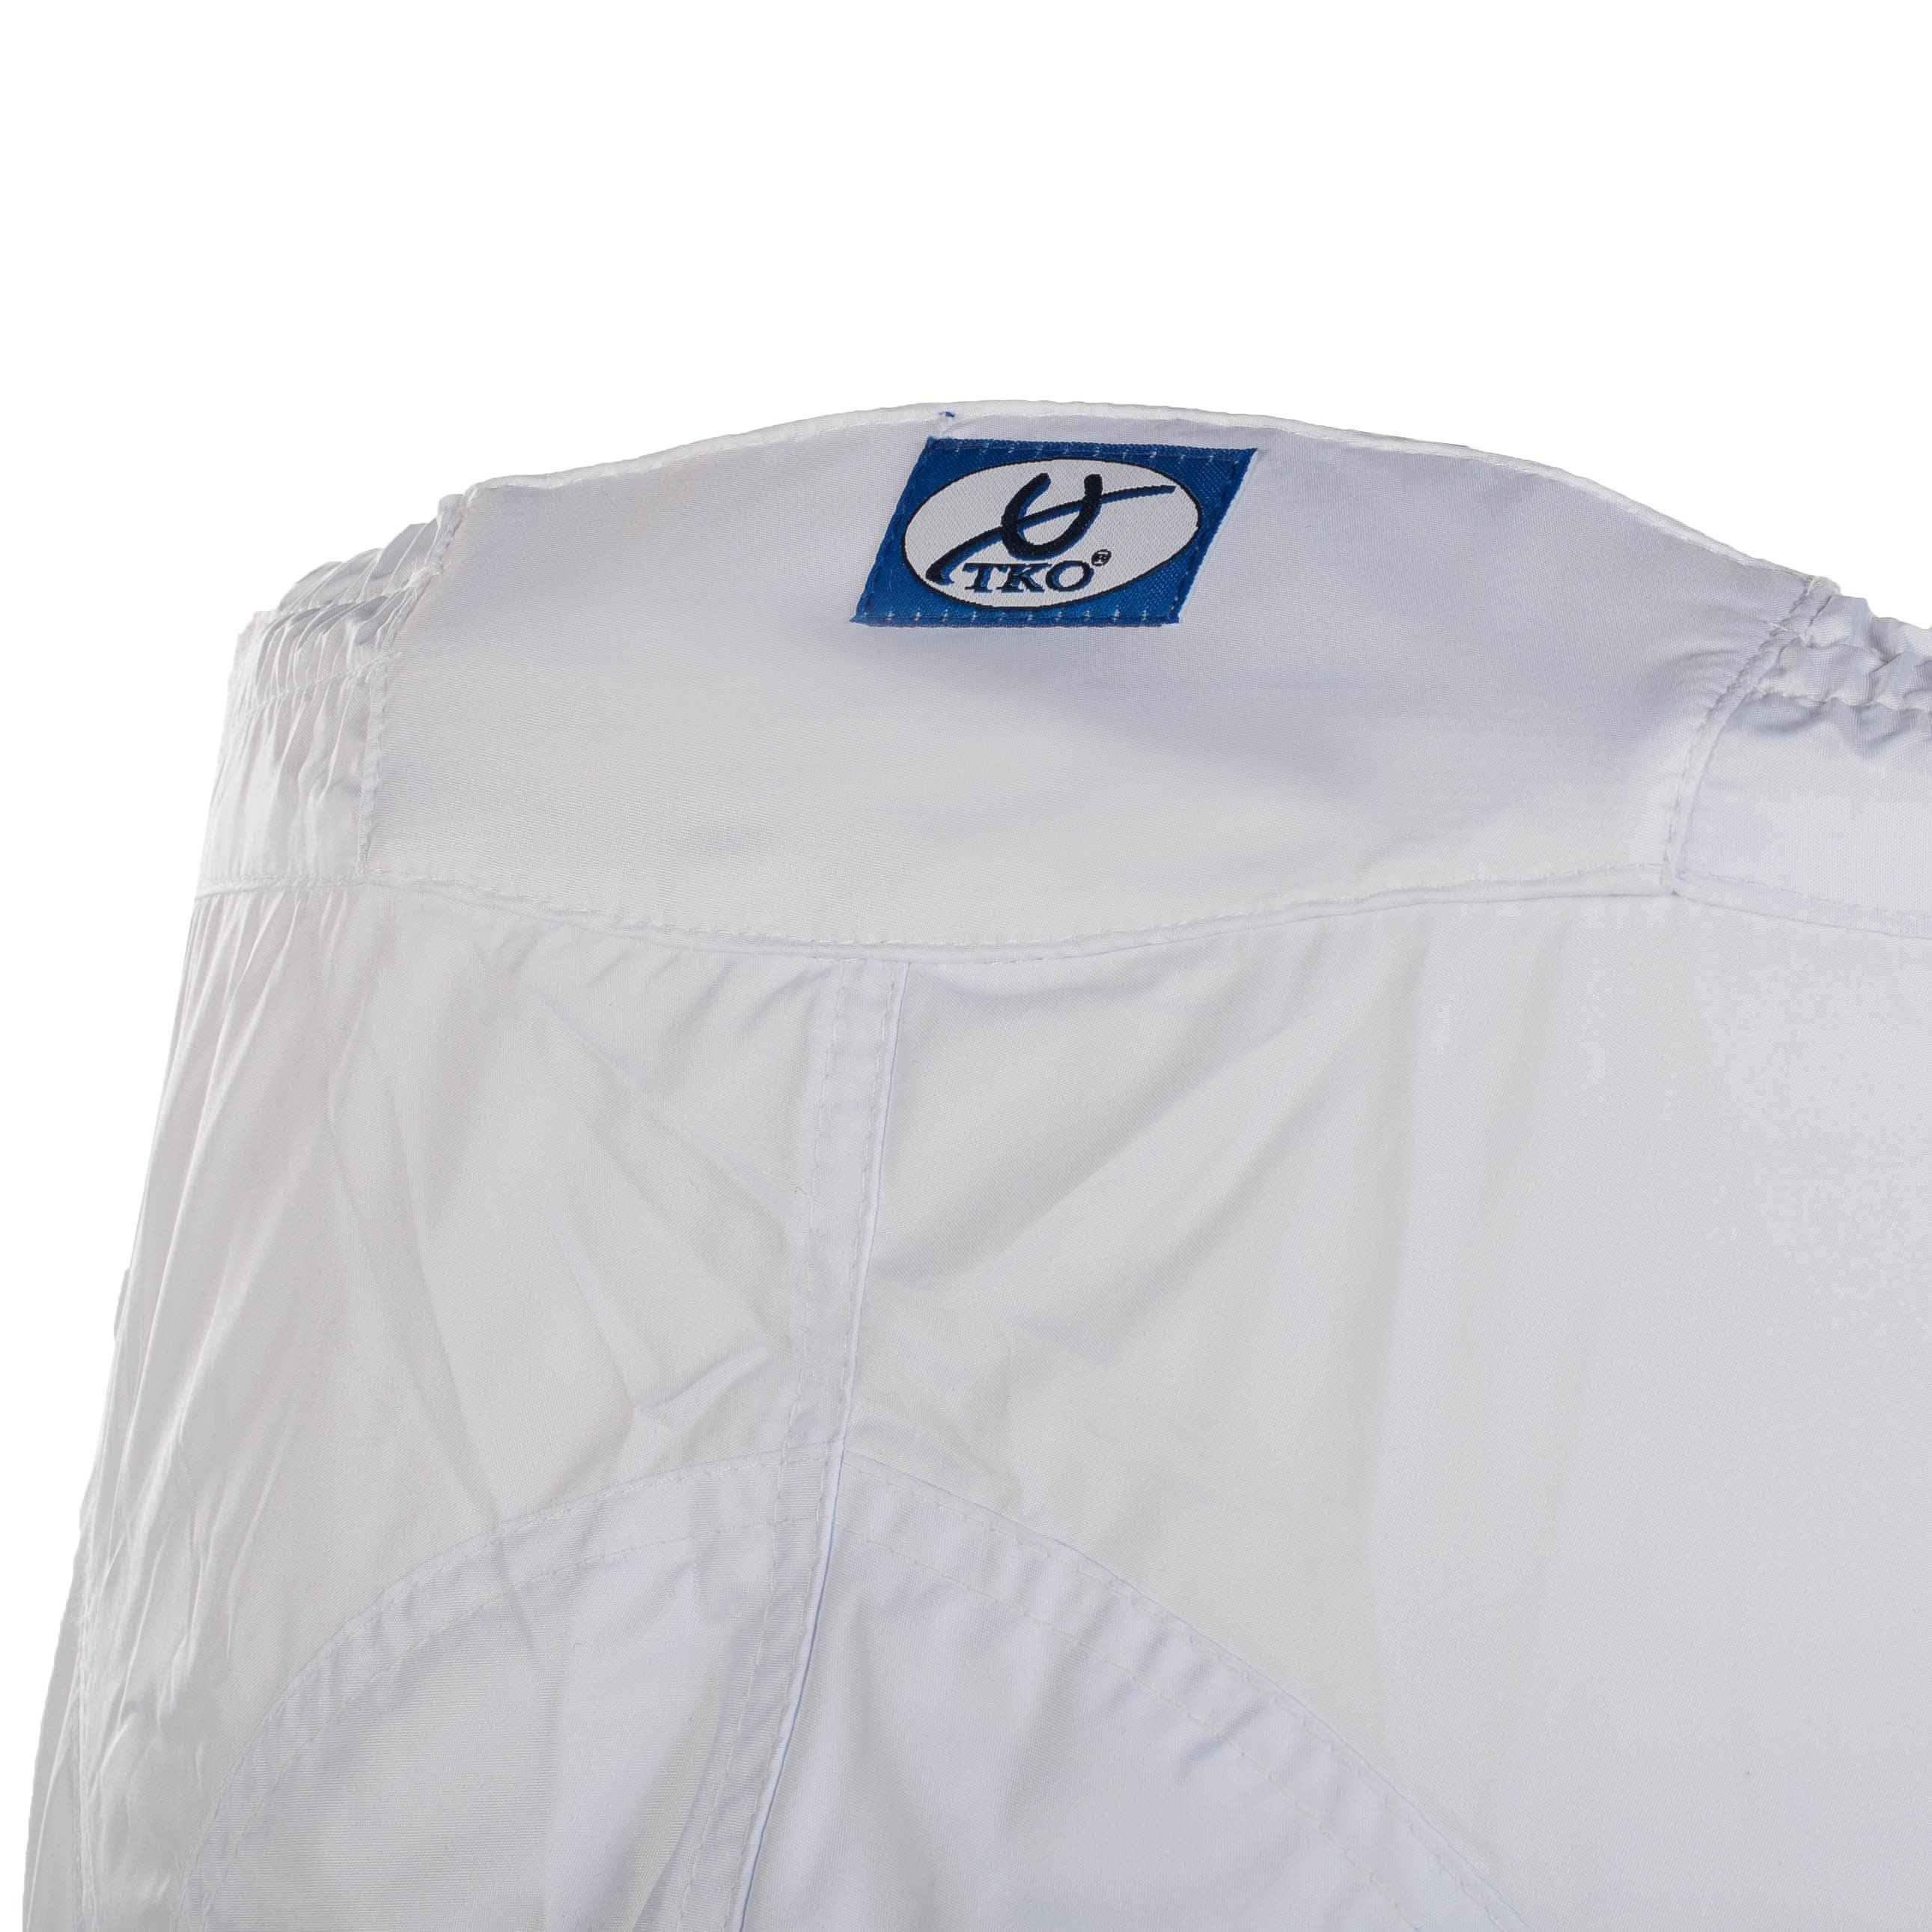 TKO vinterbukse til løp i polyester, med slim line mikrofleece-fôr